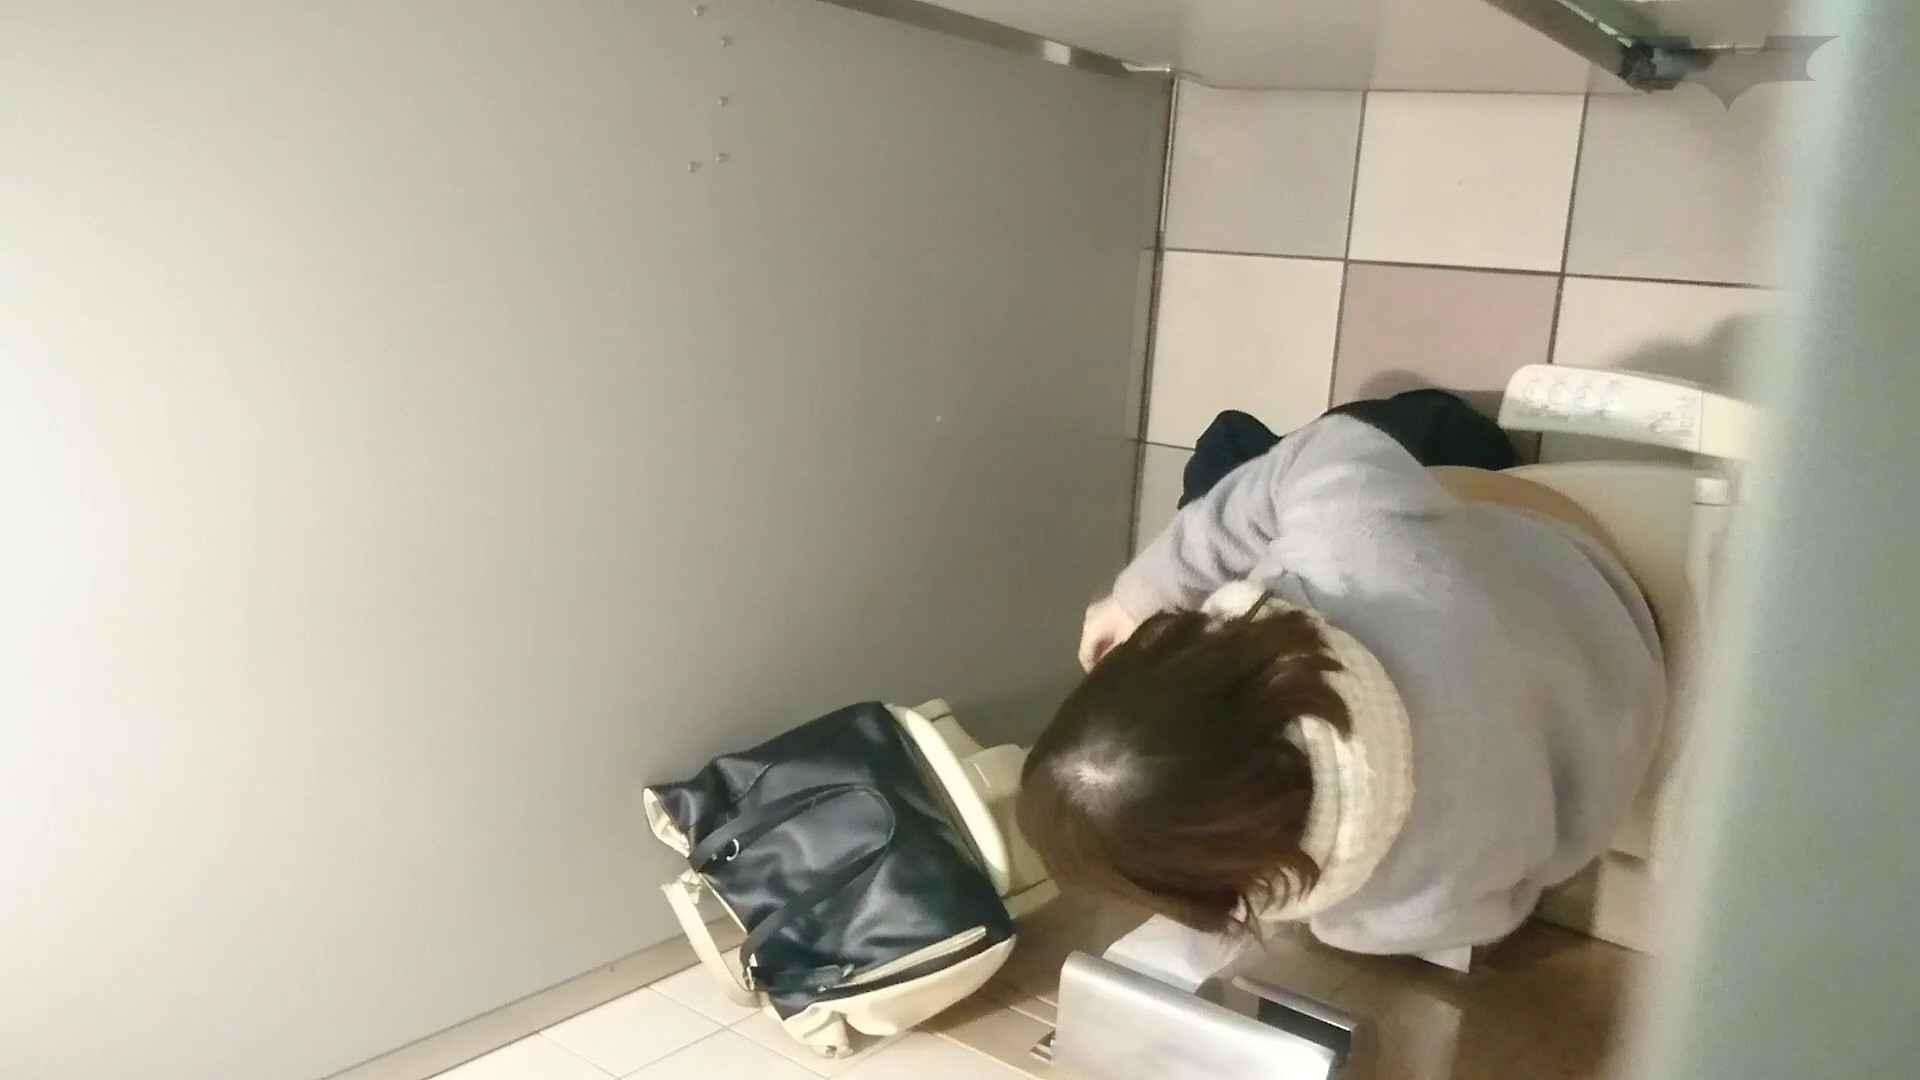 化粧室絵巻 ショッピングモール編 VOL.12 美肌 戯れ無修正画像 89枚 44